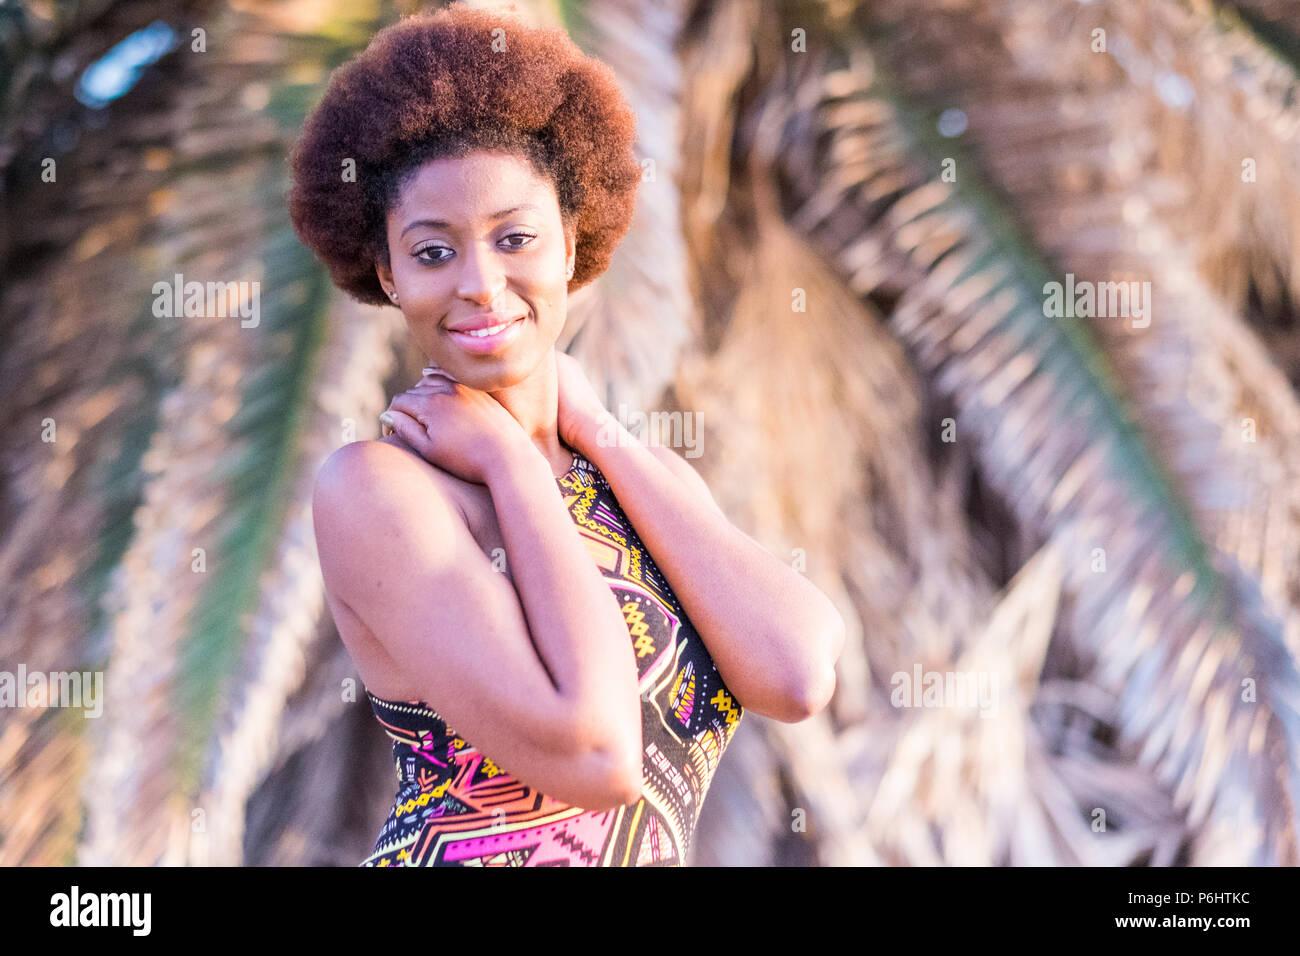 Lindo alegre niña modelo afro africano posan en un lugar tropical. El horario de verano y de esparcimiento para la joven y bella mujer sonriente bajo el sol con Imagen De Stock